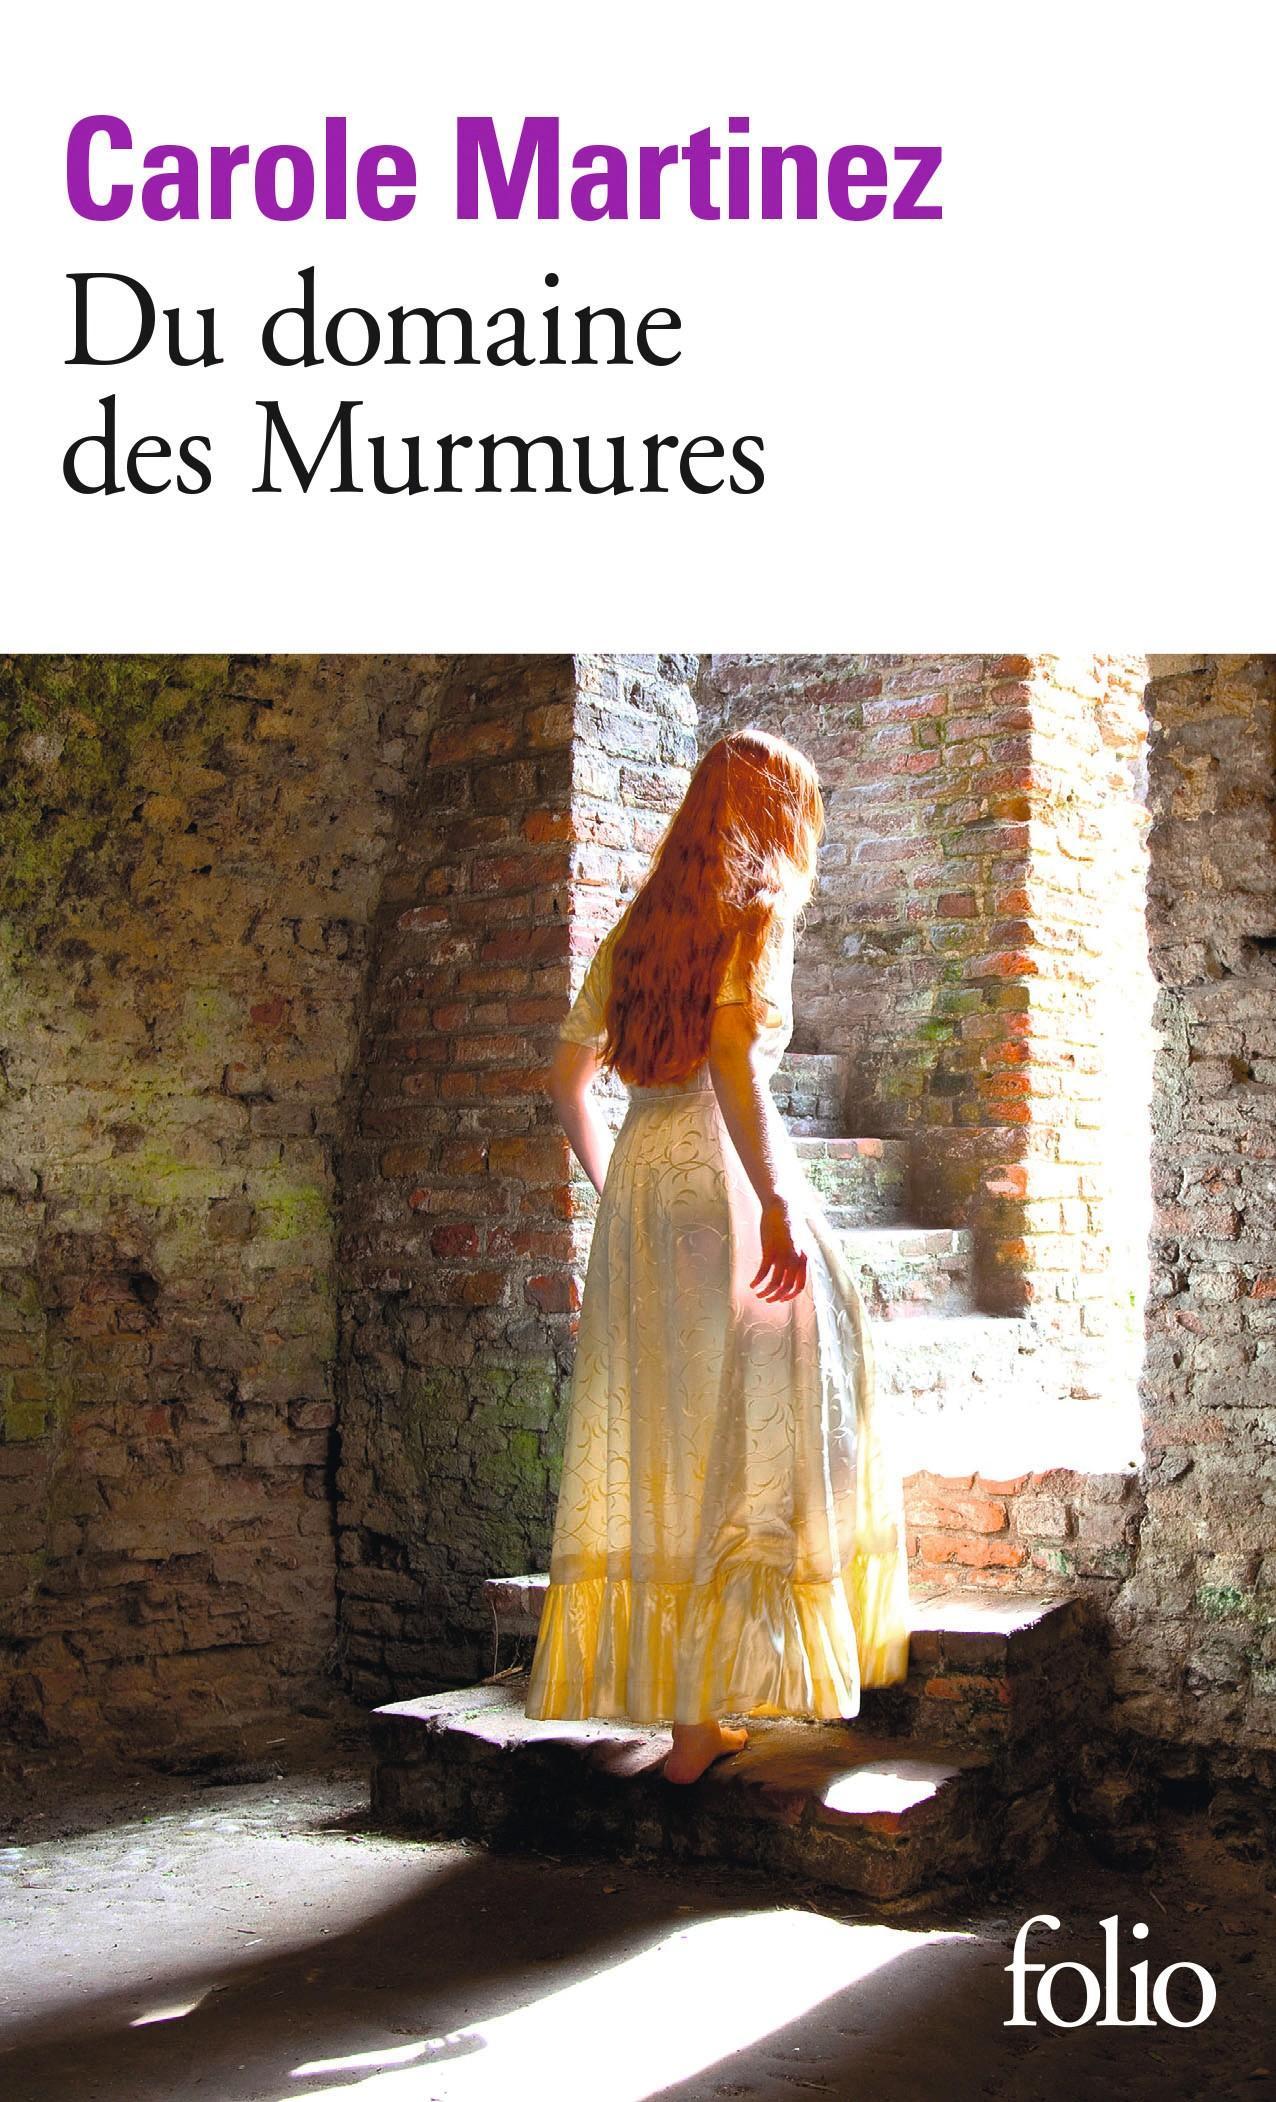 Carole Martinez, Du domaine des Murmures, 2011, Éditions Gallimard, coll. Folio.